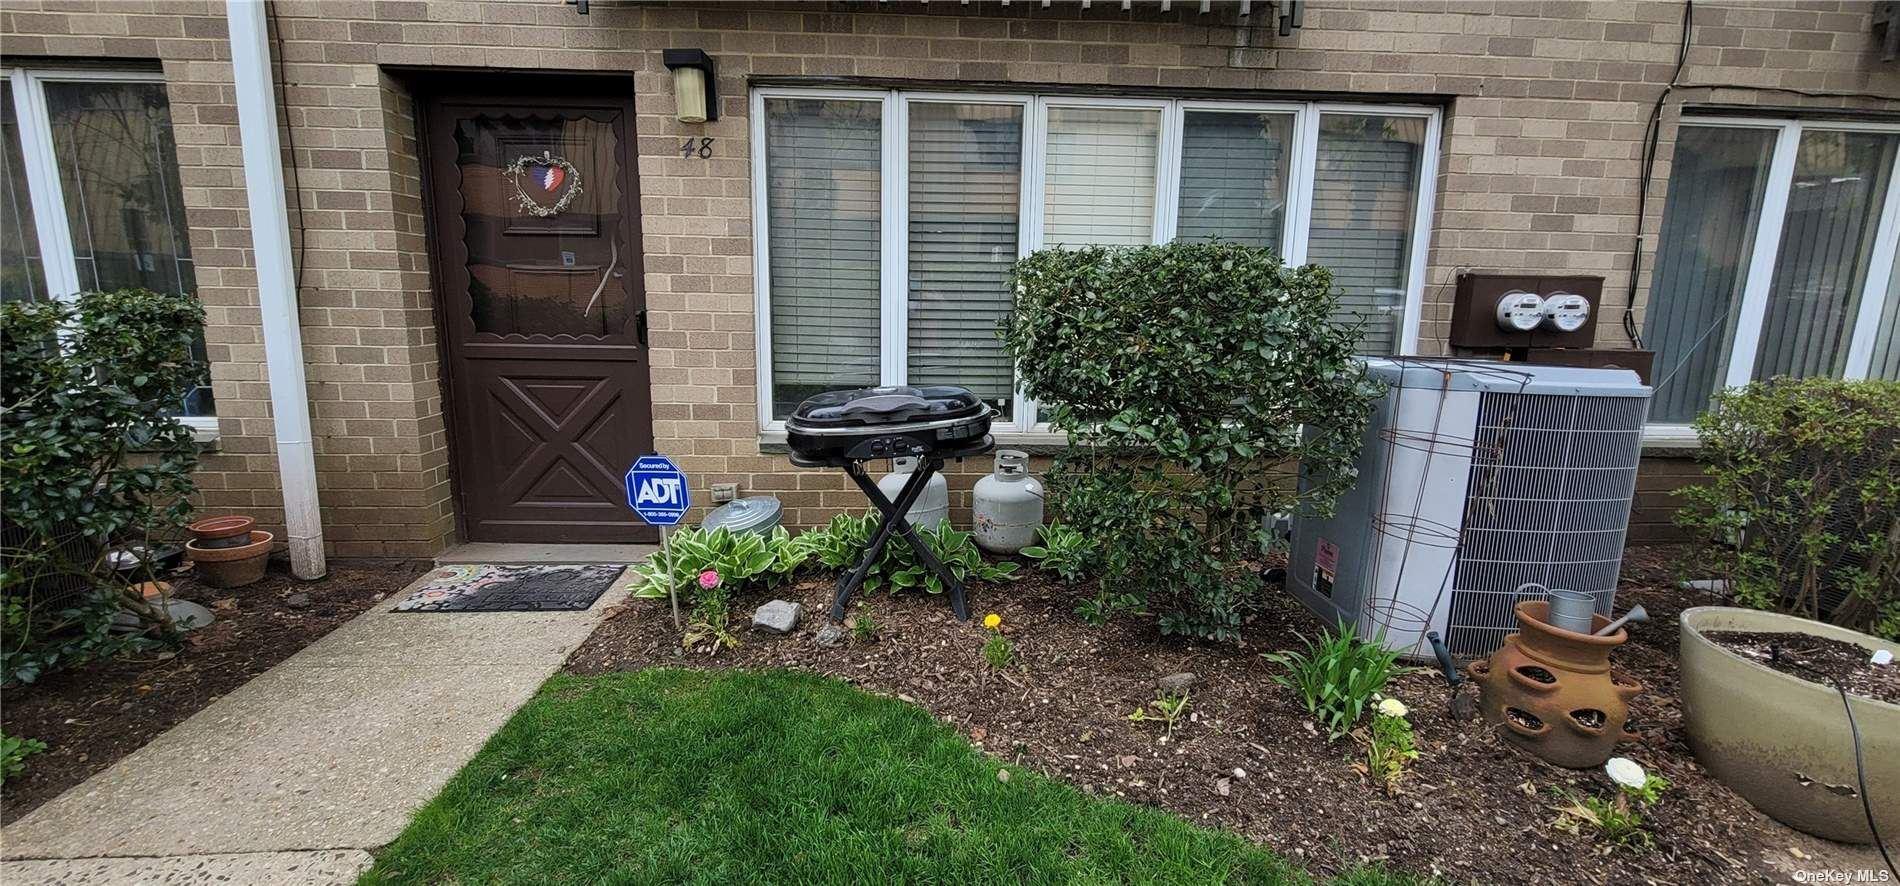 200 Hilton Avenue #48, Hempstead, NY 11550 - MLS#: 3305087